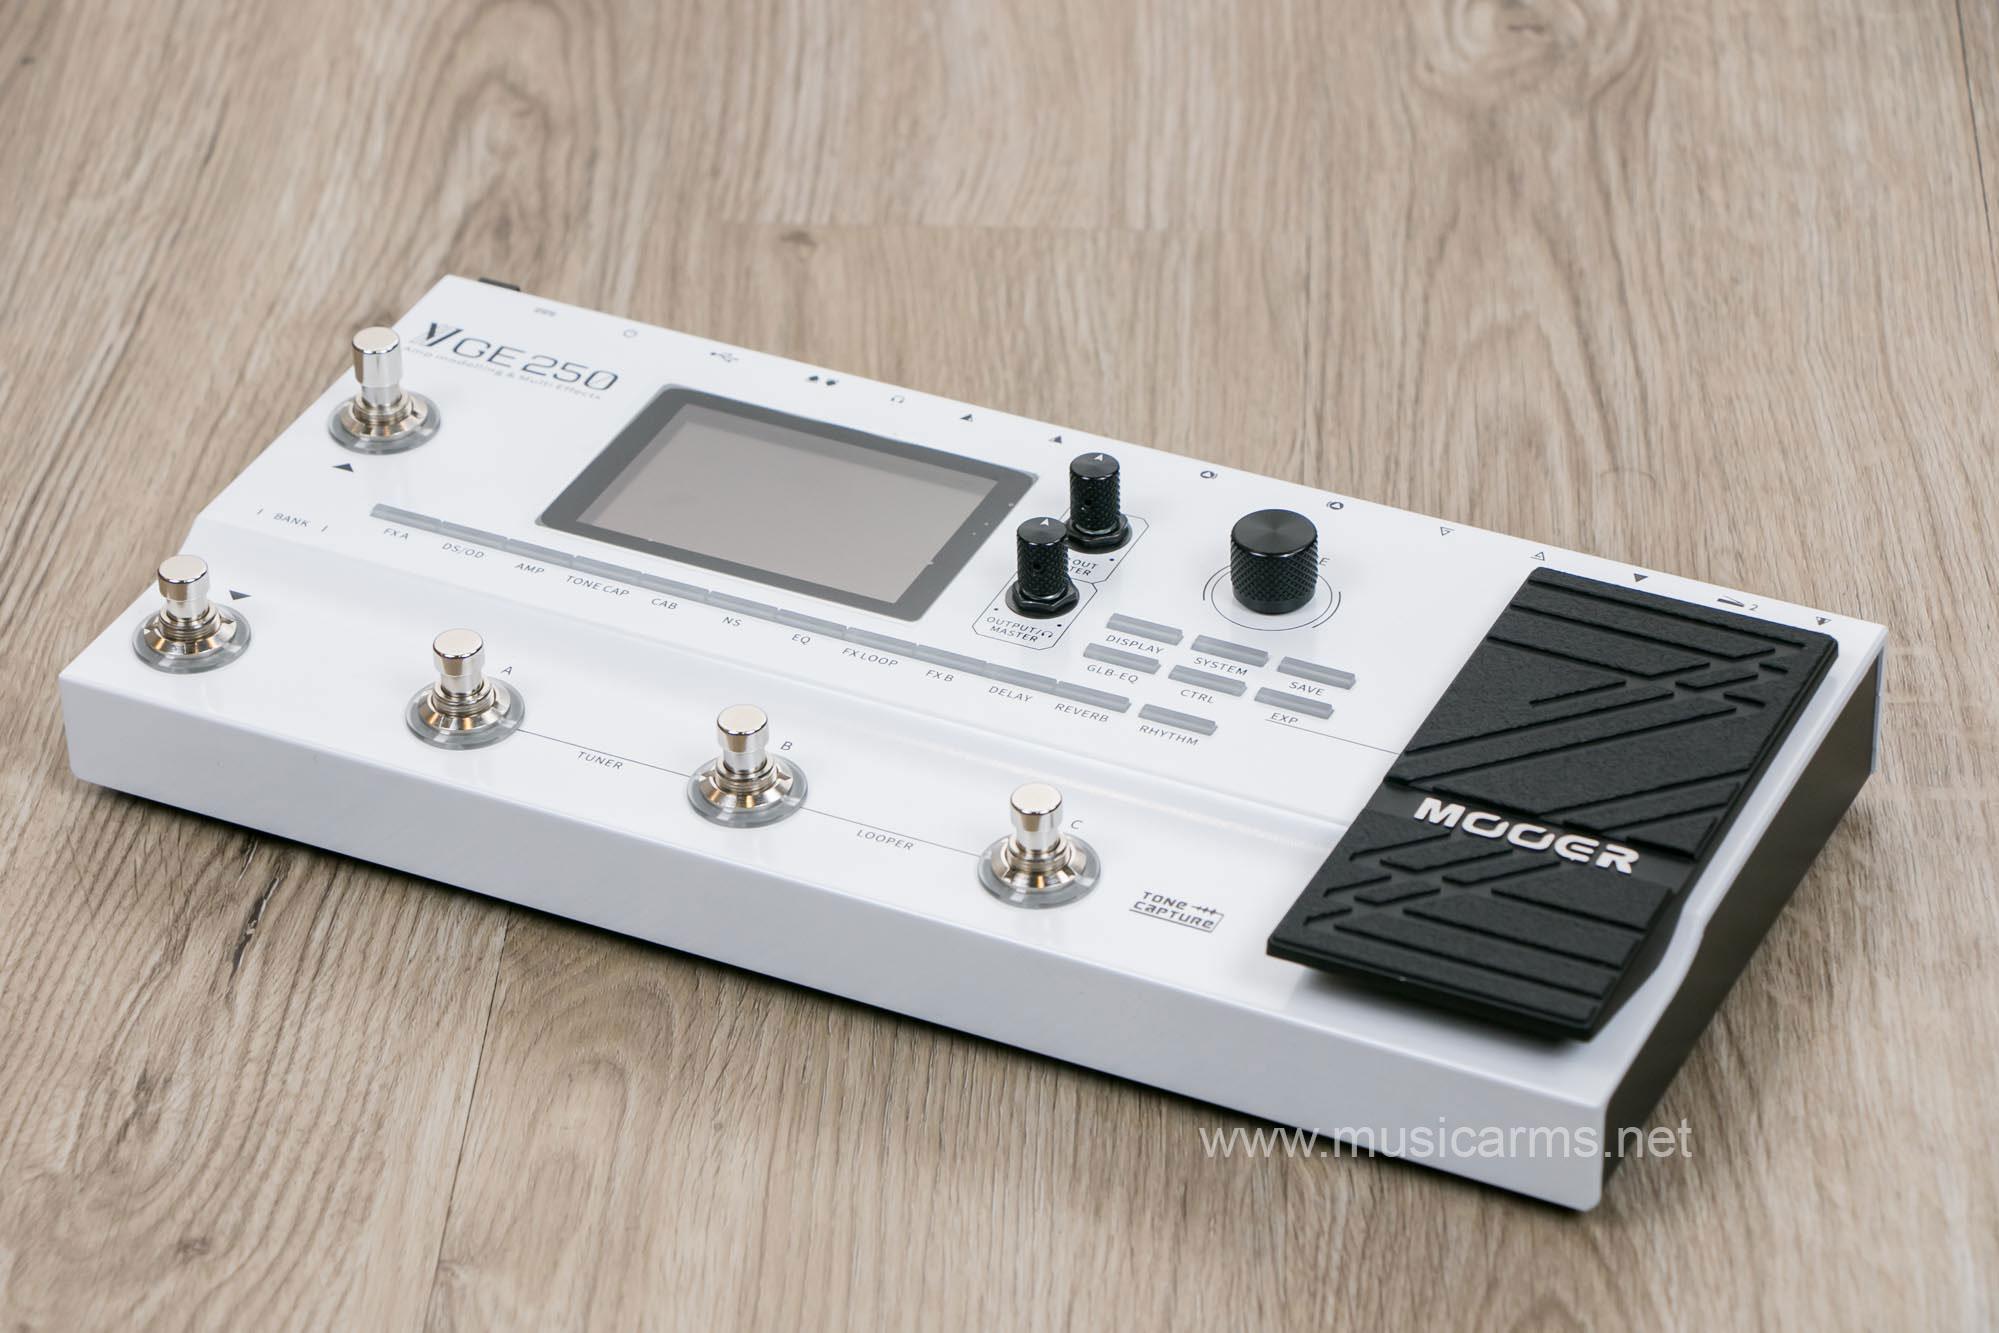 Mooer GE250 (3)